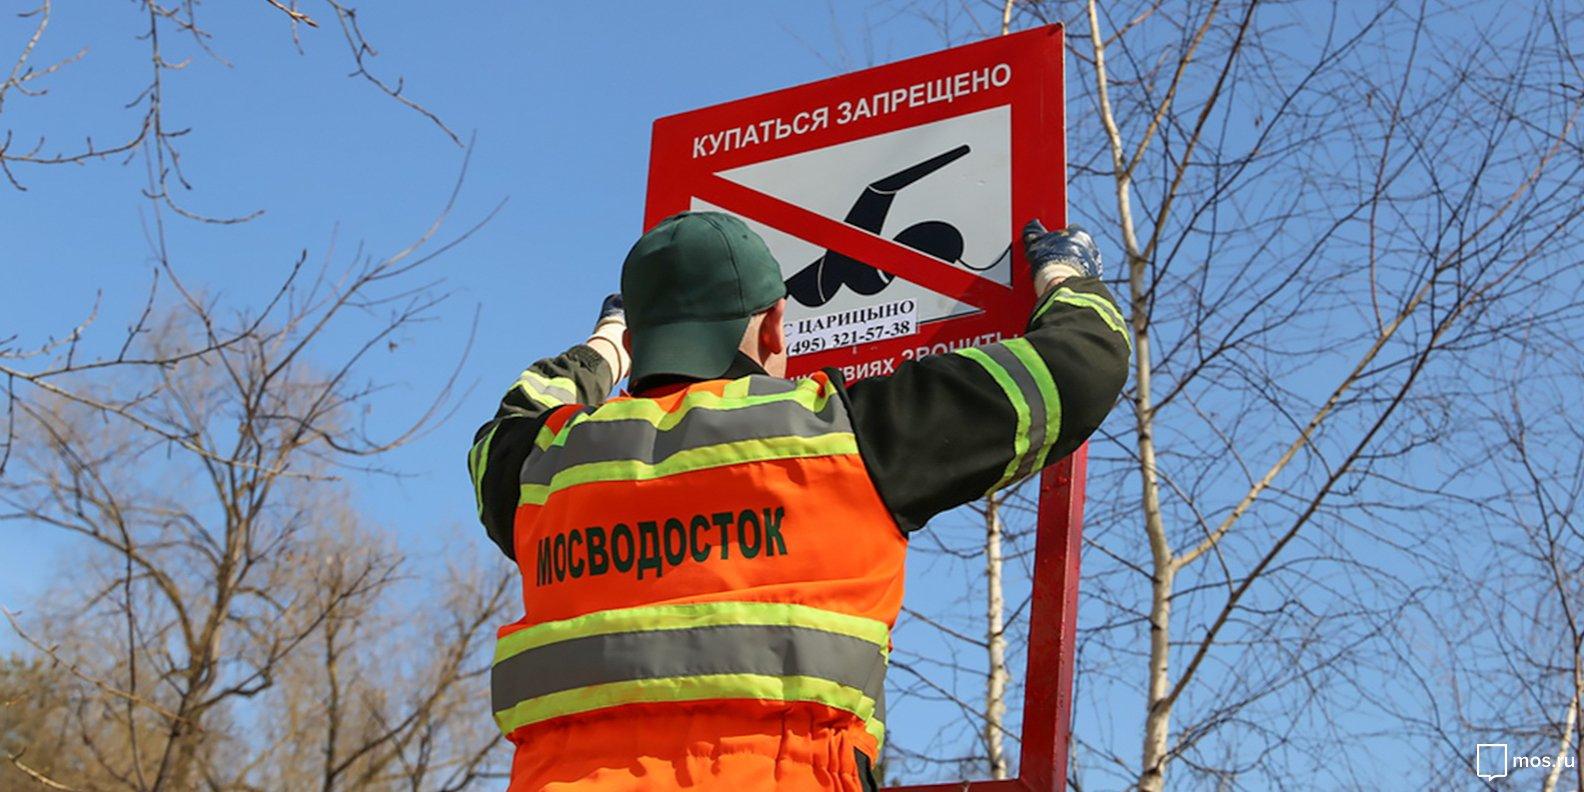 Знаки безопасности «Купаться запрещено!» установят возле водоемов Москвы